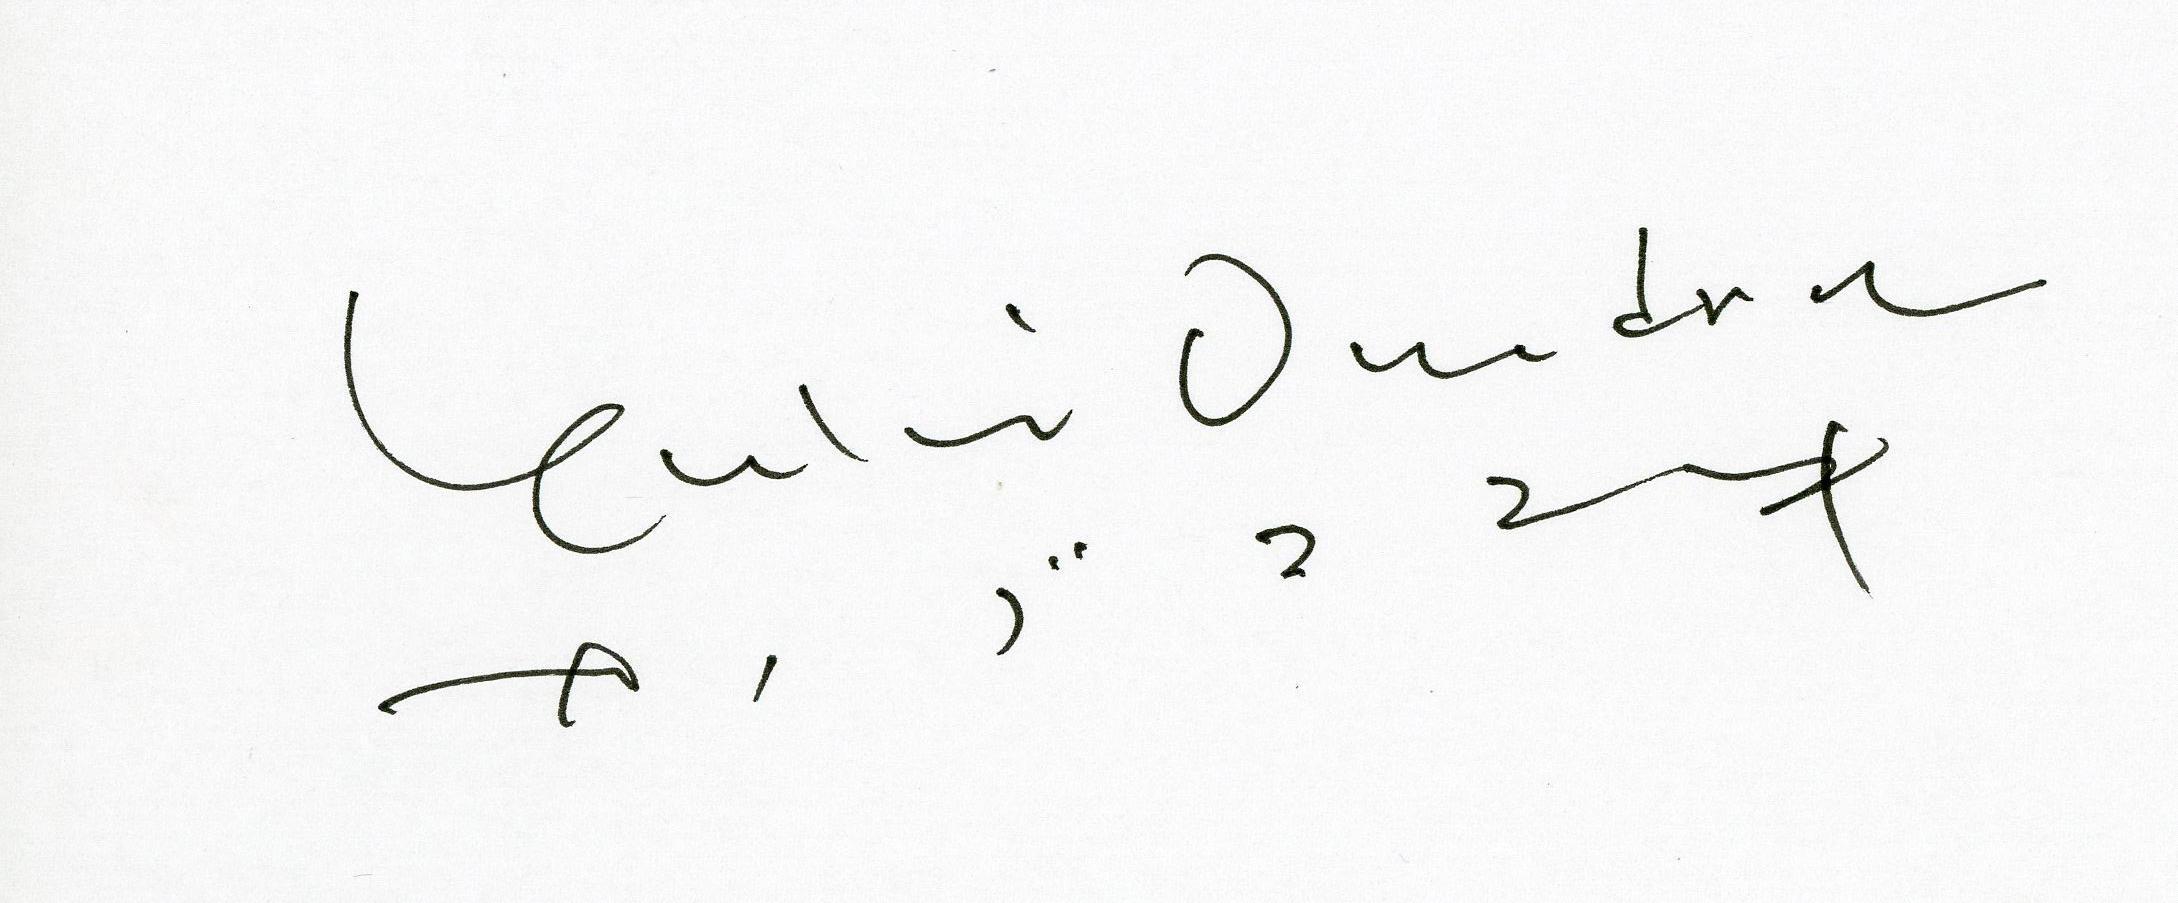 オノデラユキ サイン